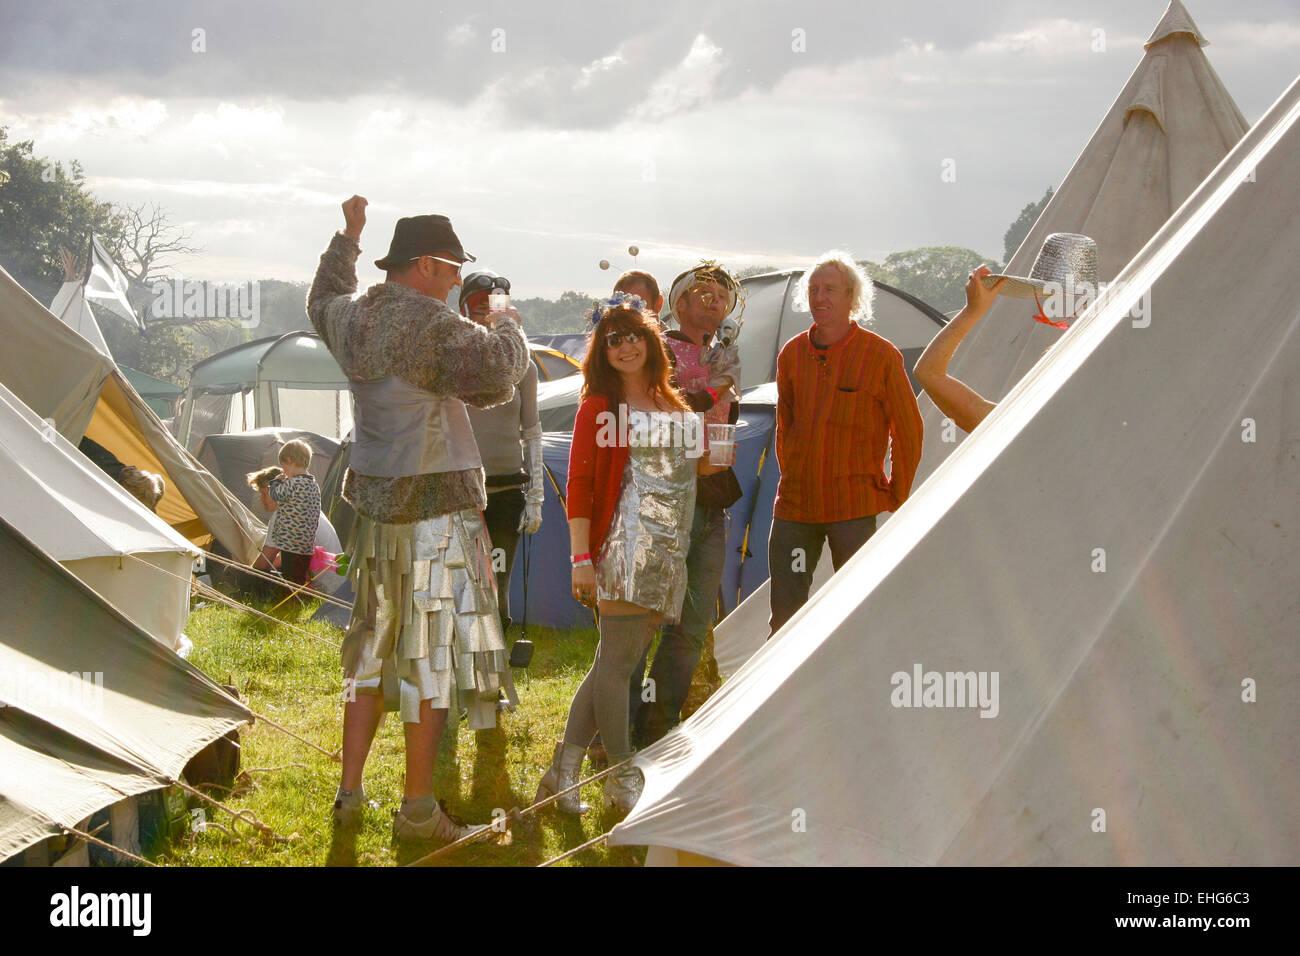 Incantevole campeggio durante un festival in Inghilterra. Foto Stock